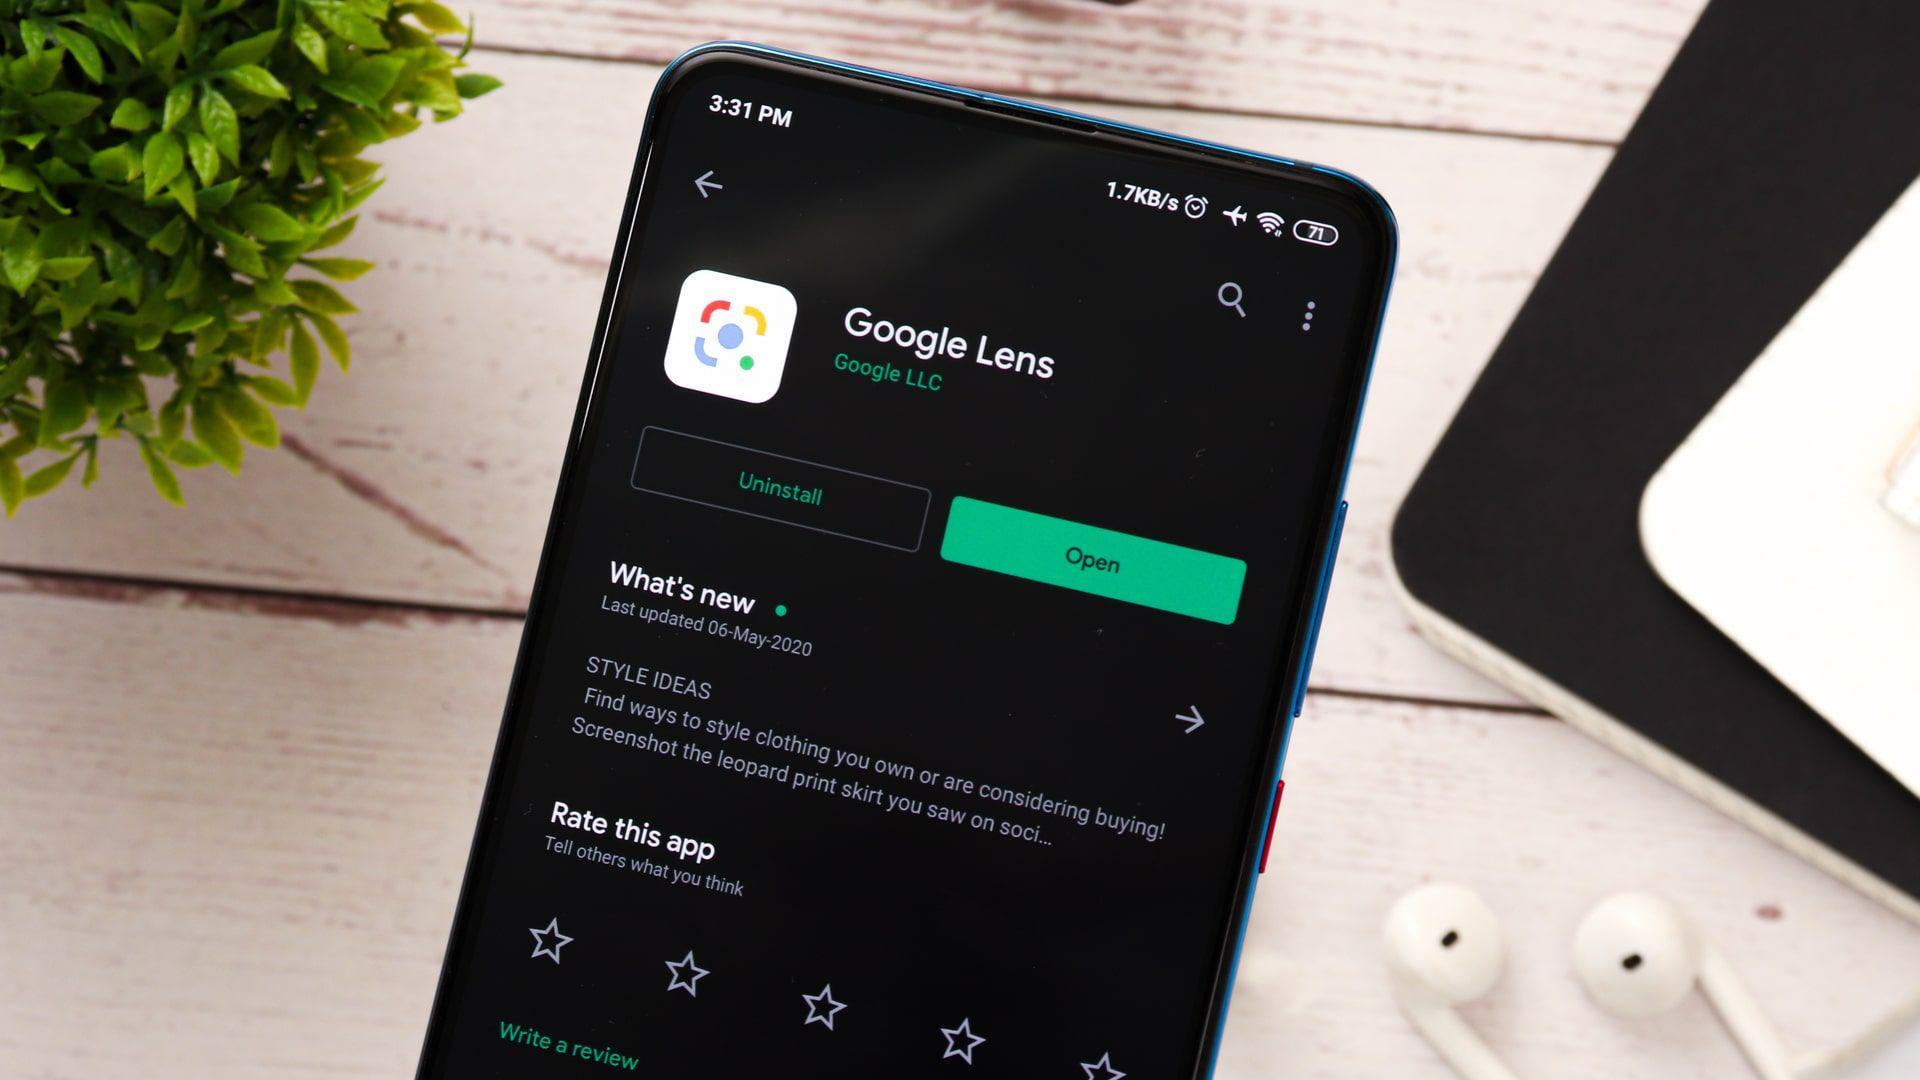 Google Lens utiliza banco de imagens do Google para classificar as fotos (Foto: Shutterstock)